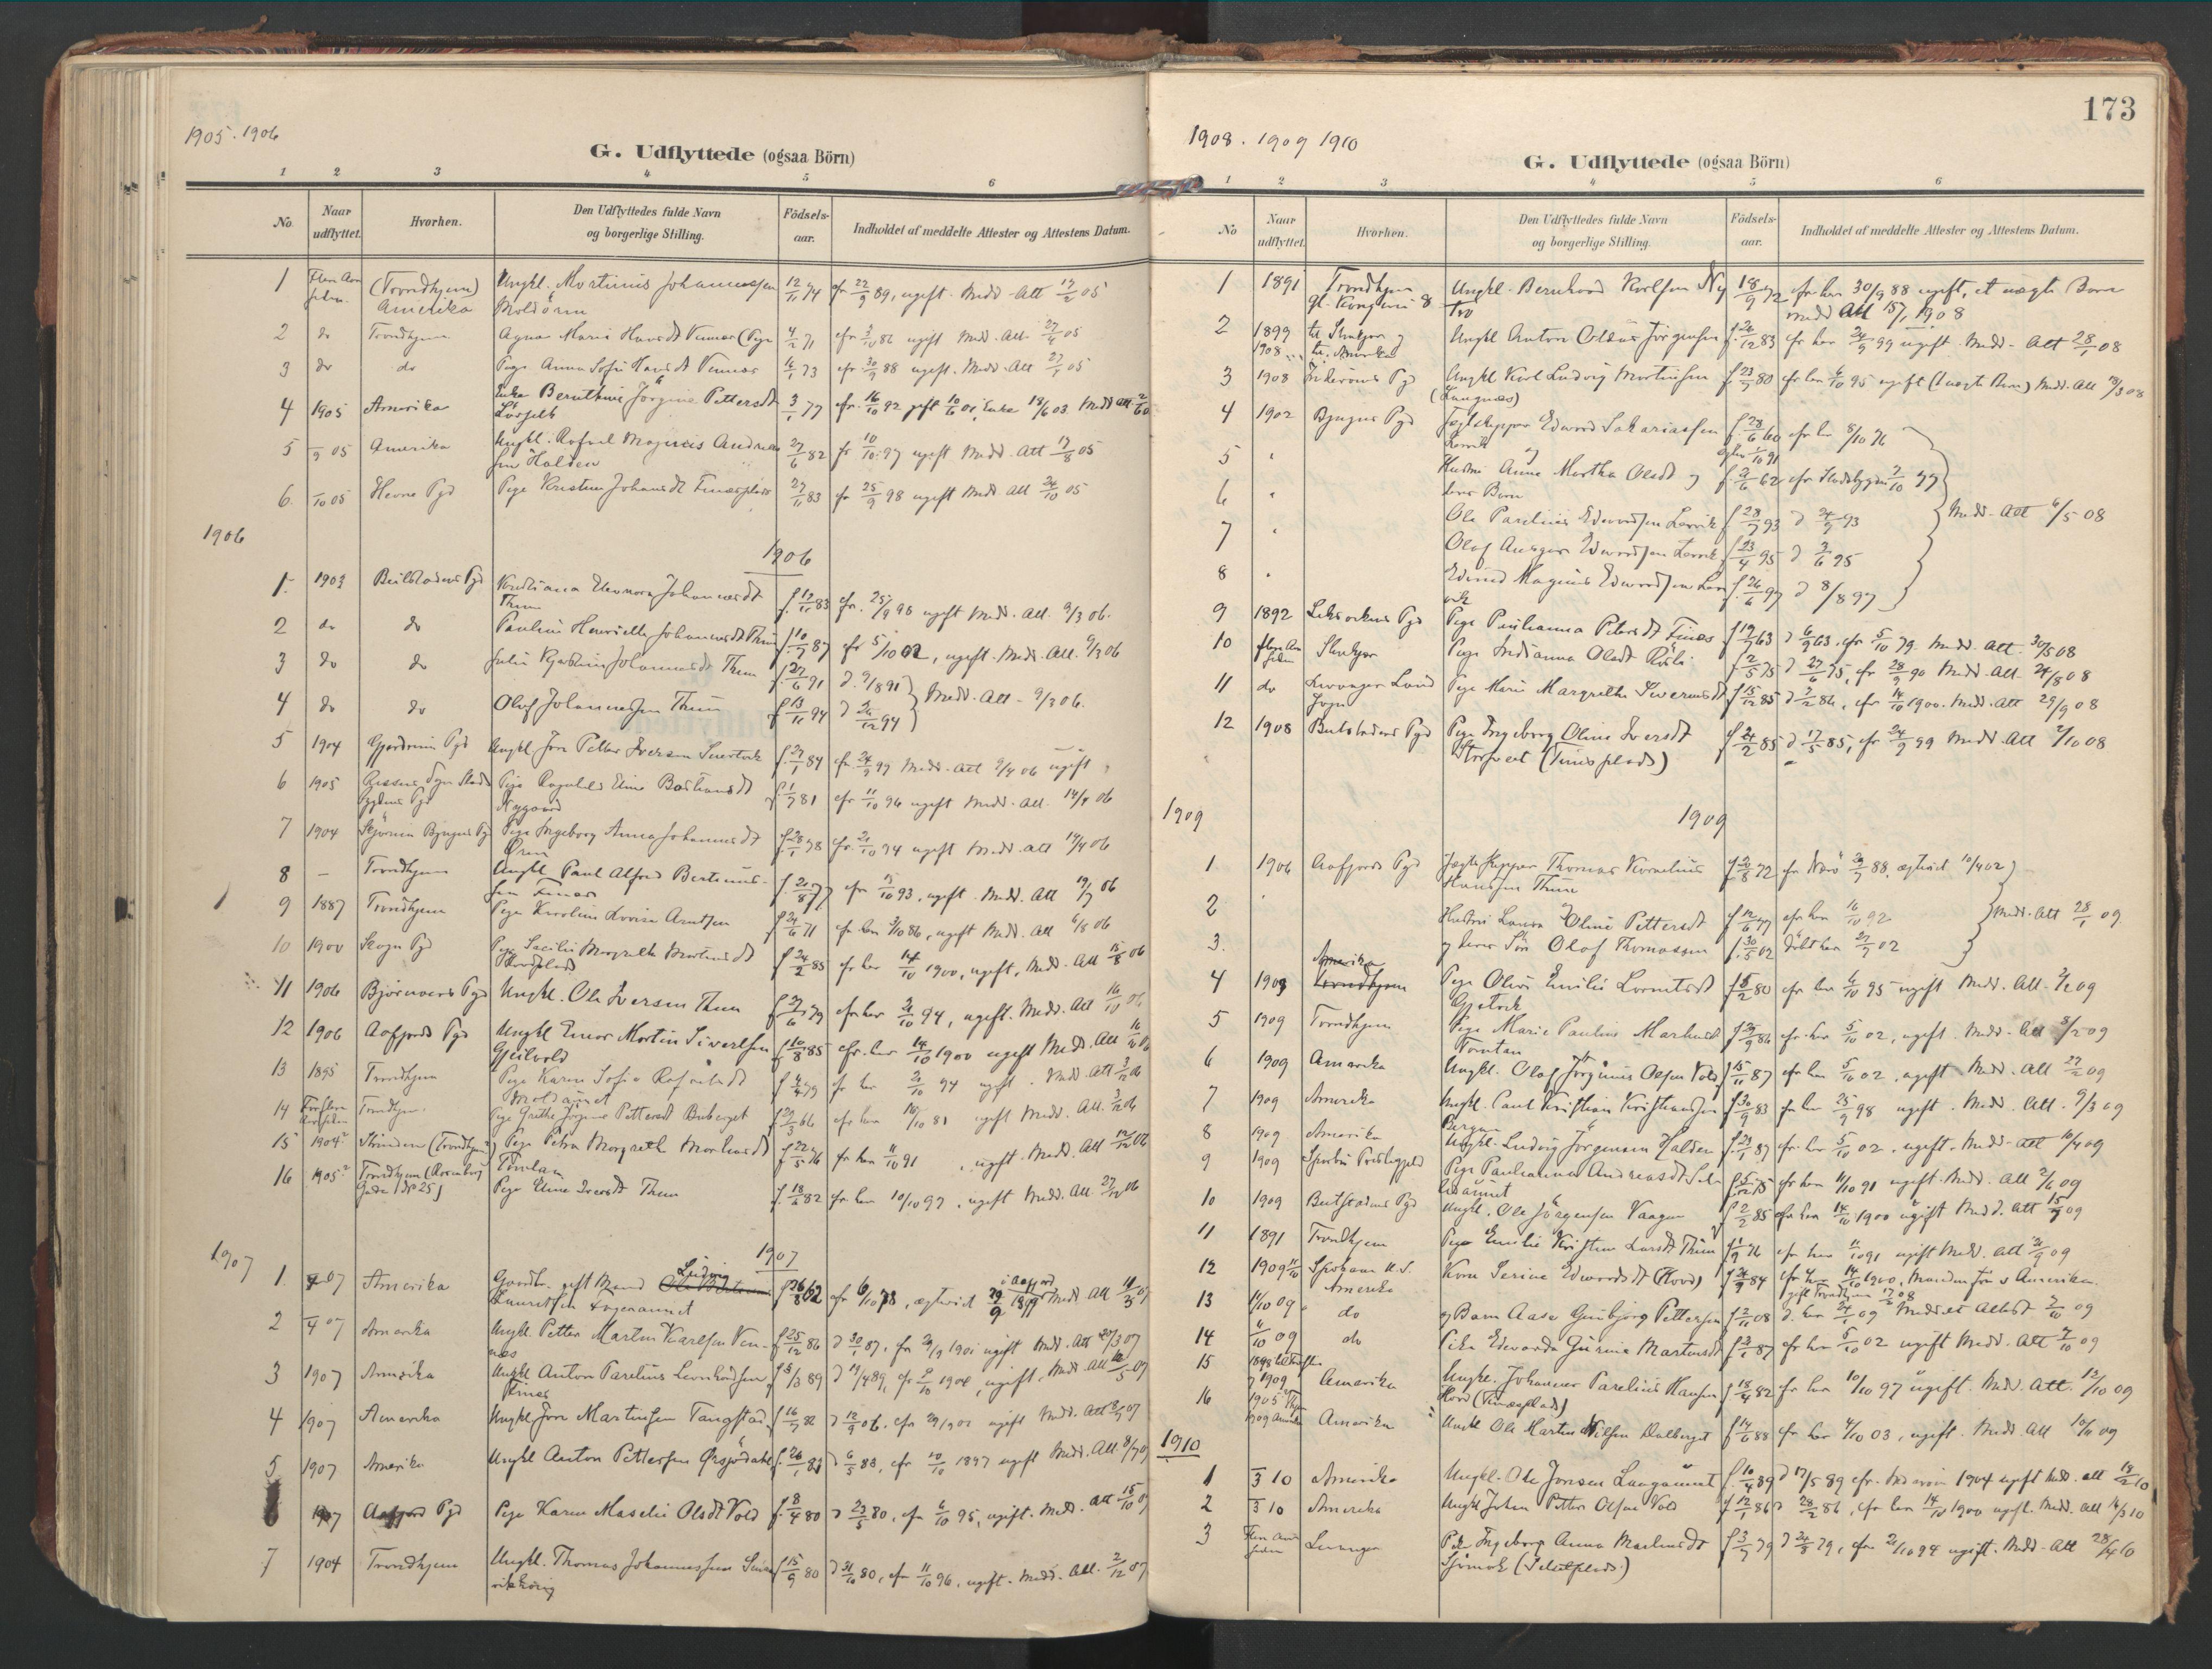 SAT, Ministerialprotokoller, klokkerbøker og fødselsregistre - Nord-Trøndelag, 744/L0421: Ministerialbok nr. 744A05, 1905-1930, s. 173